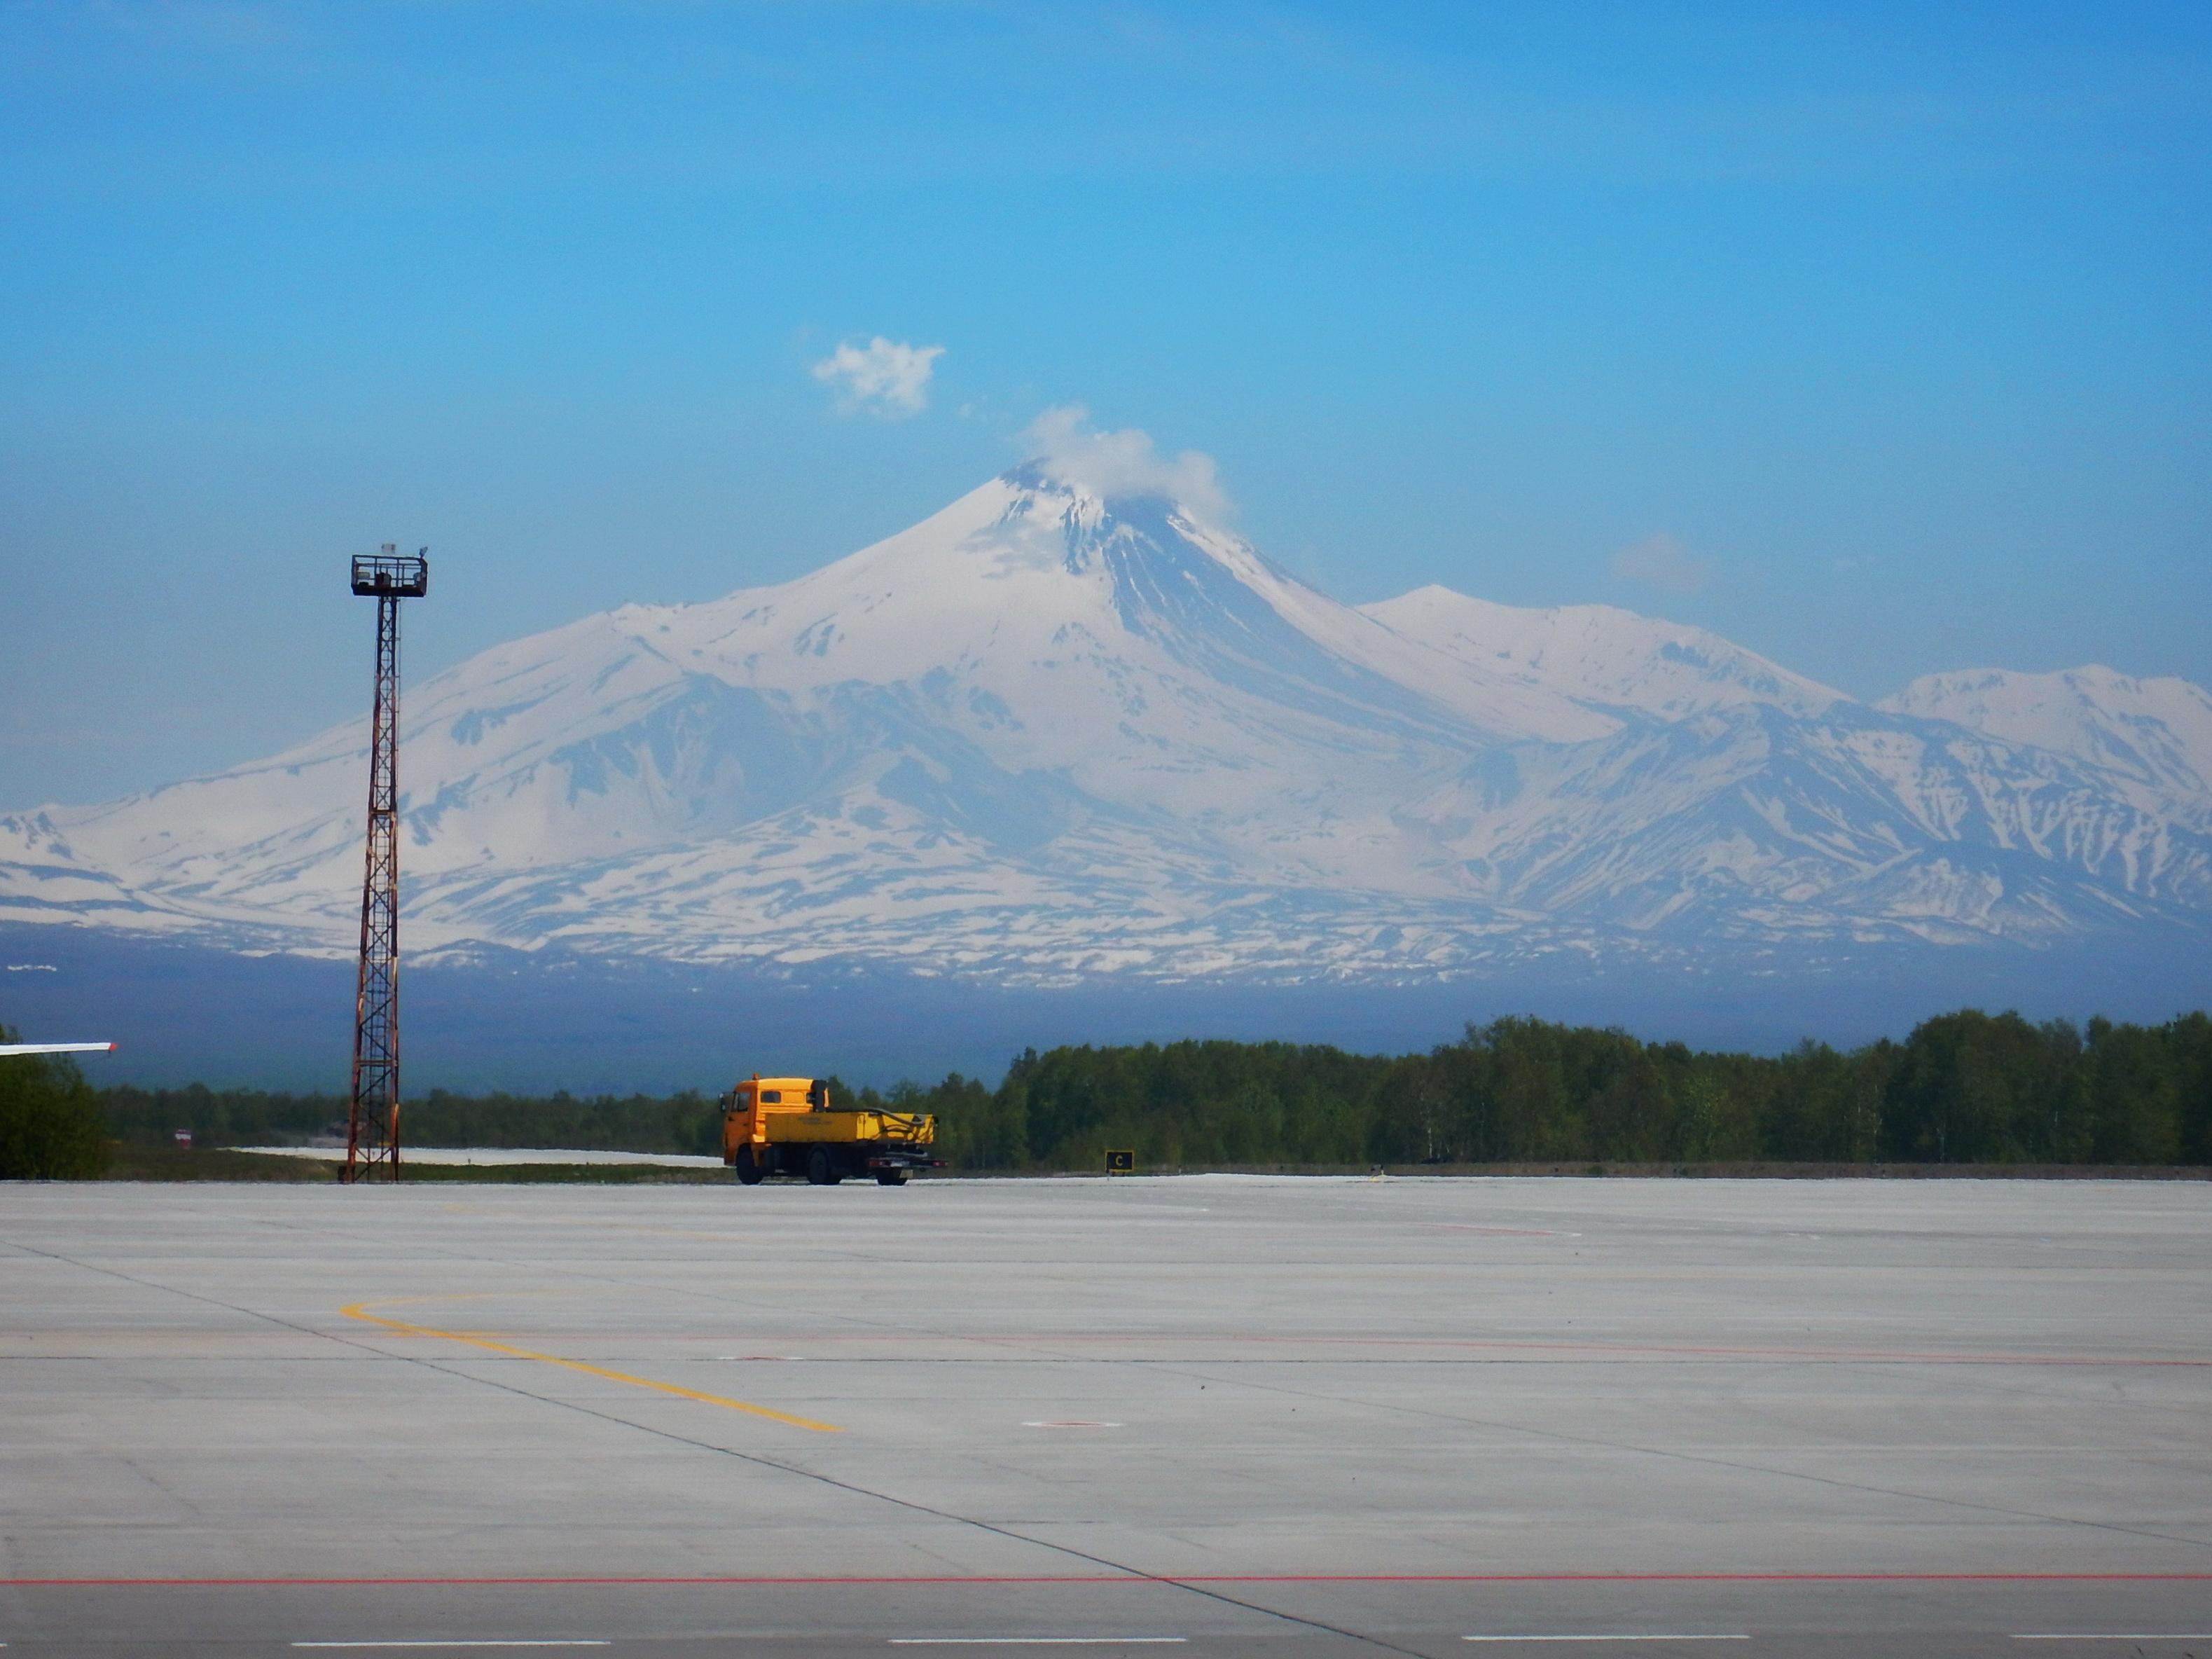 Корякский вулкан, аэропорт Петропавловска-Камчатского